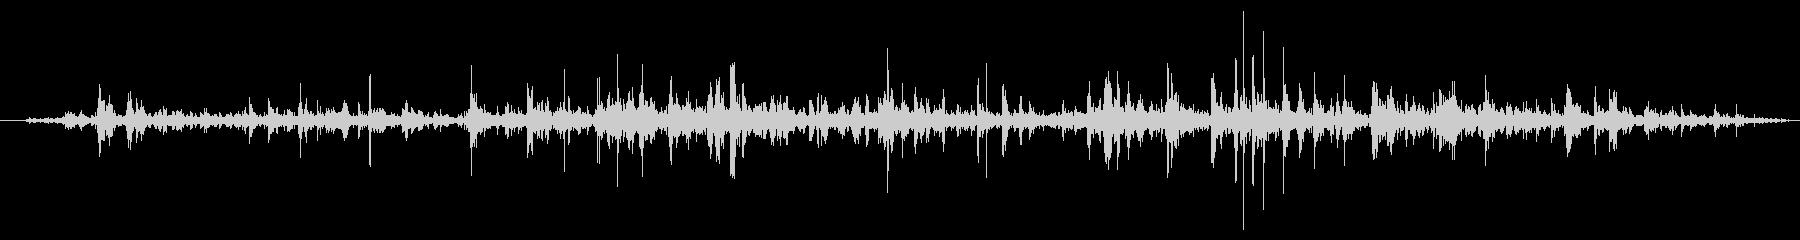 カート 中世のドラッグスロー01の未再生の波形